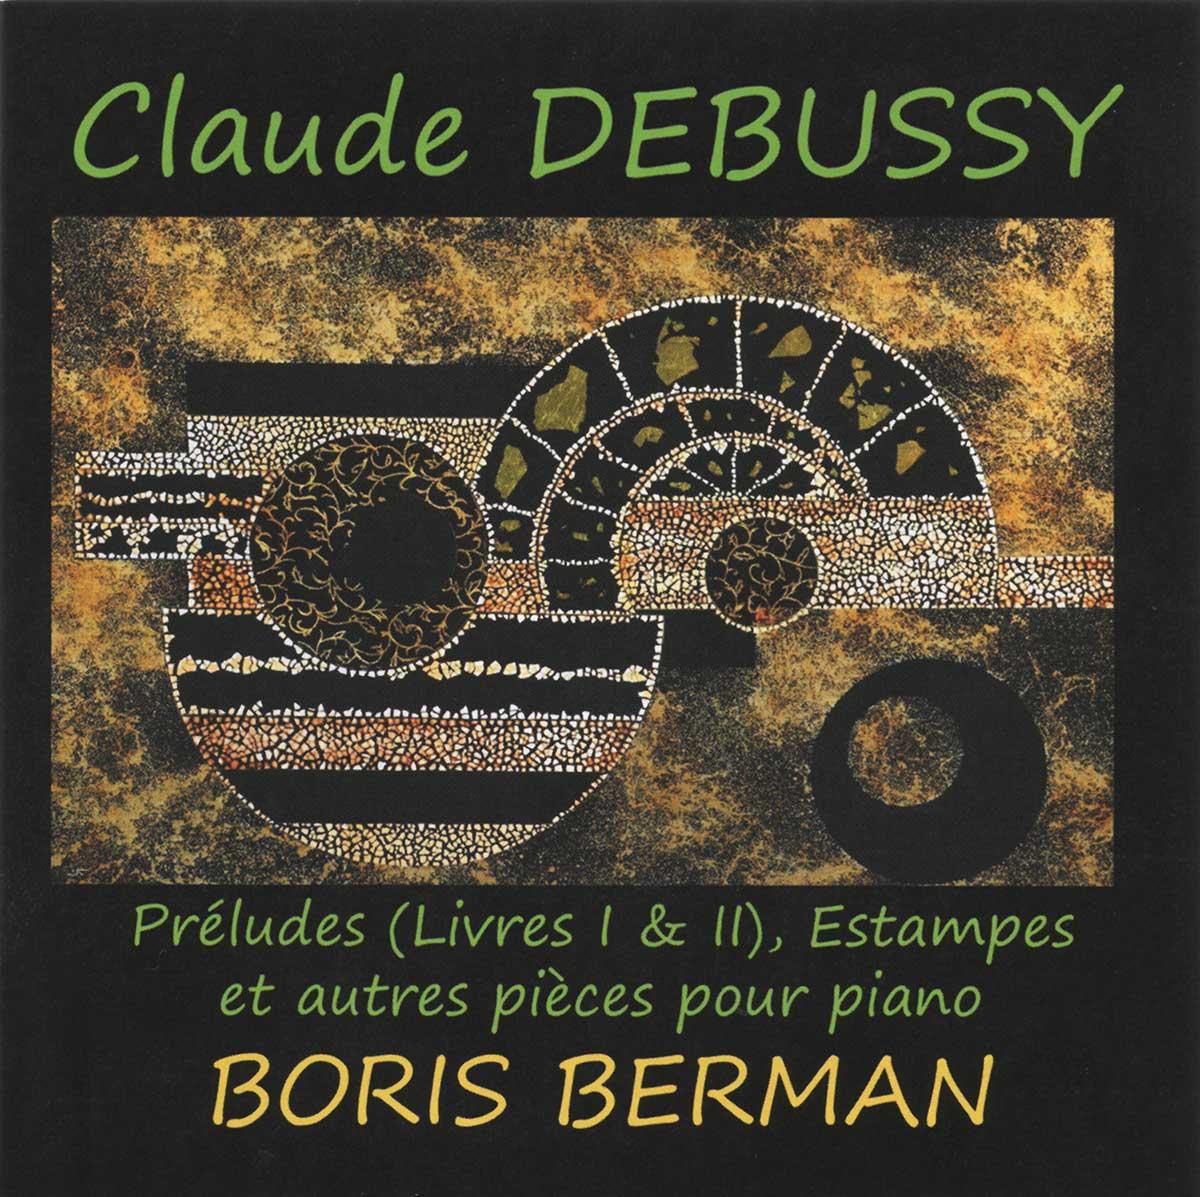 BB-Debussy-CD.jpg